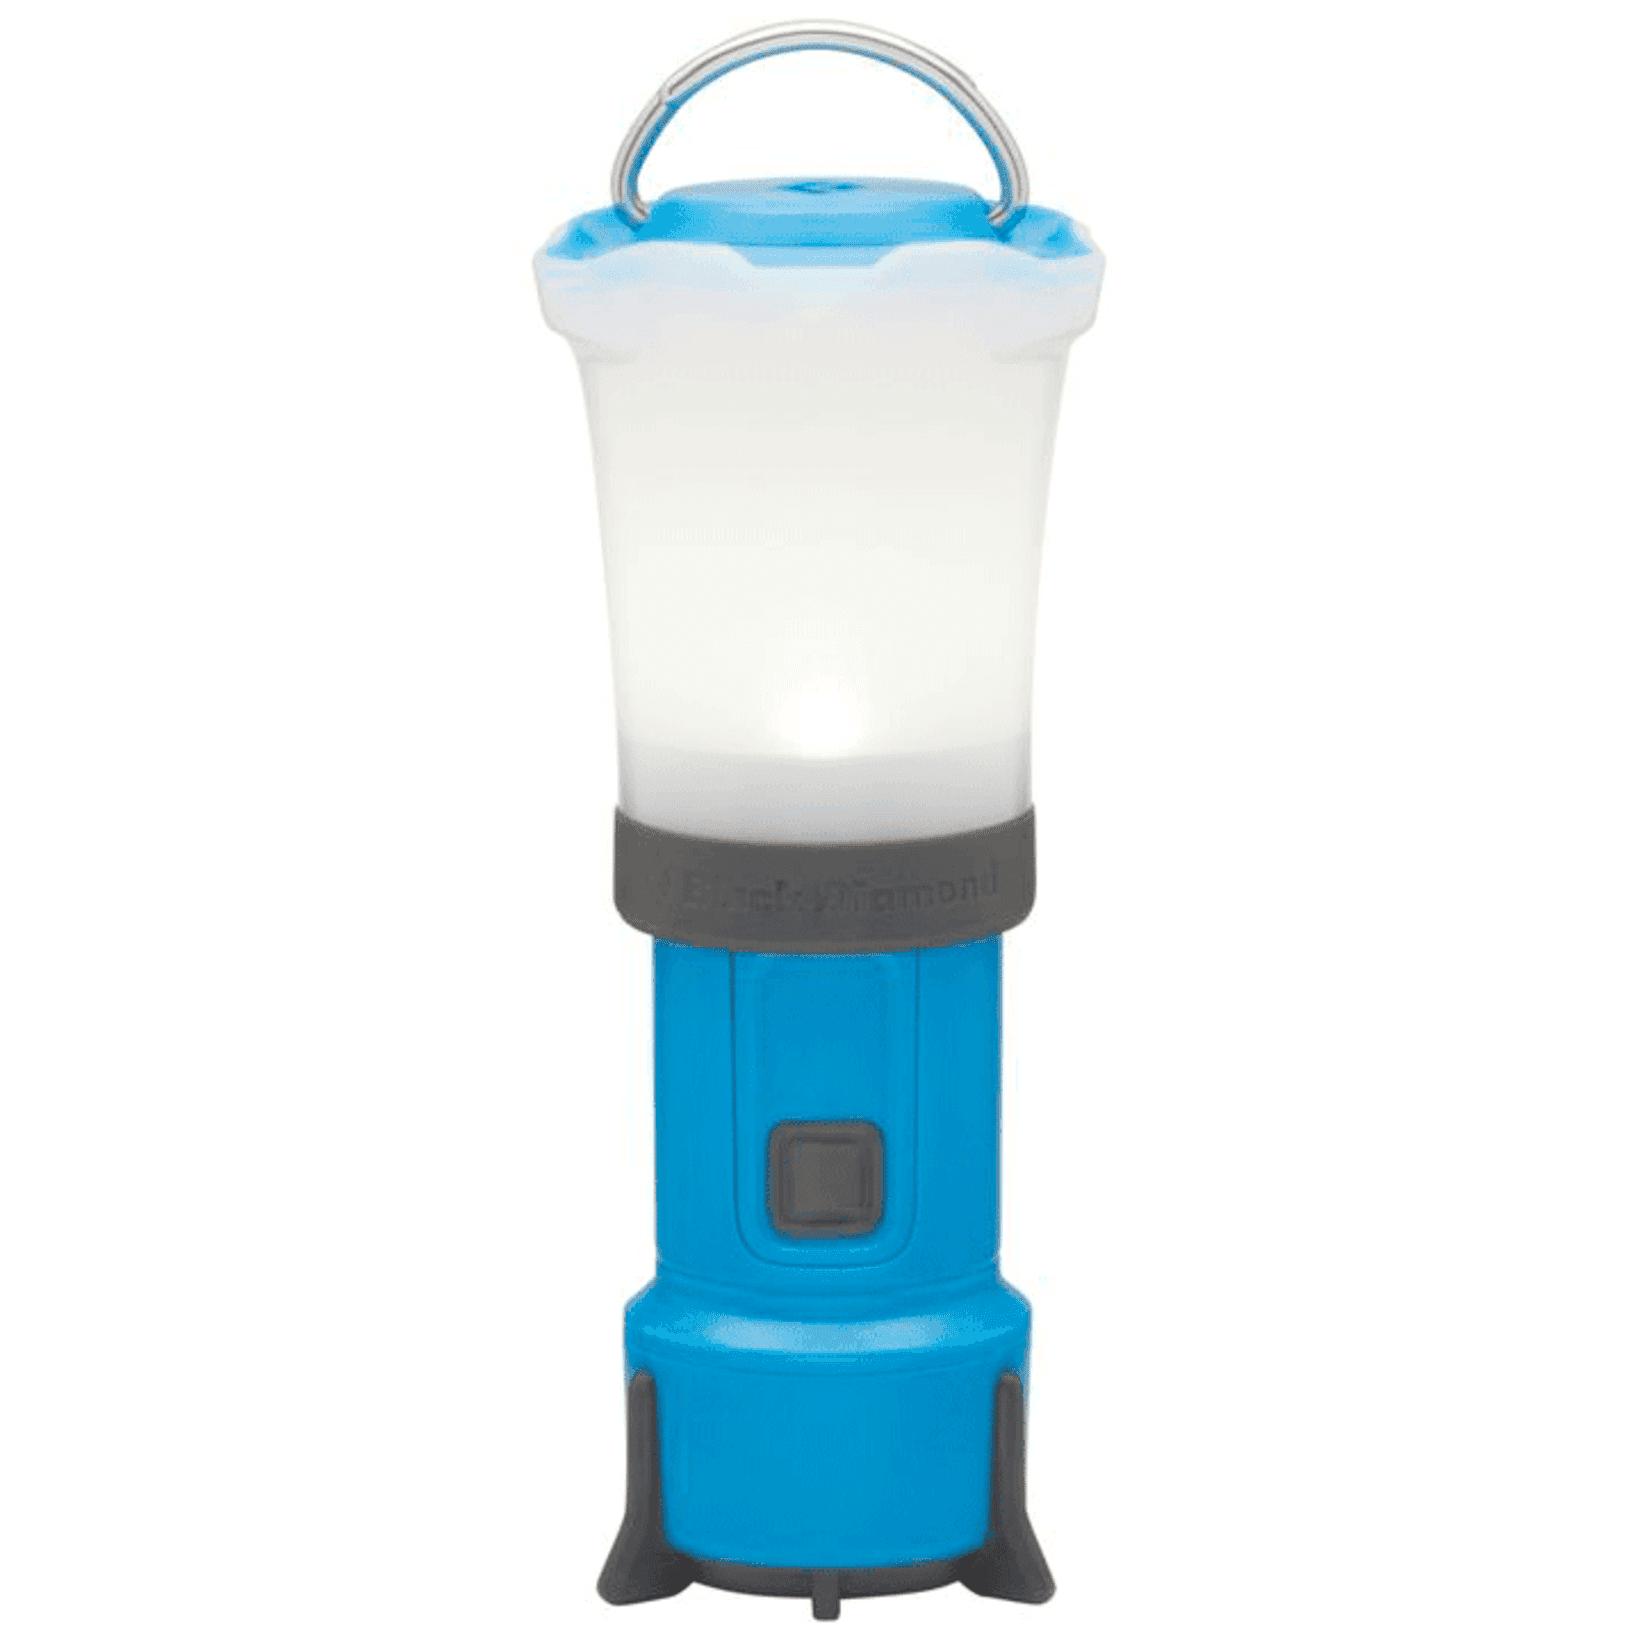 Lantern Mode